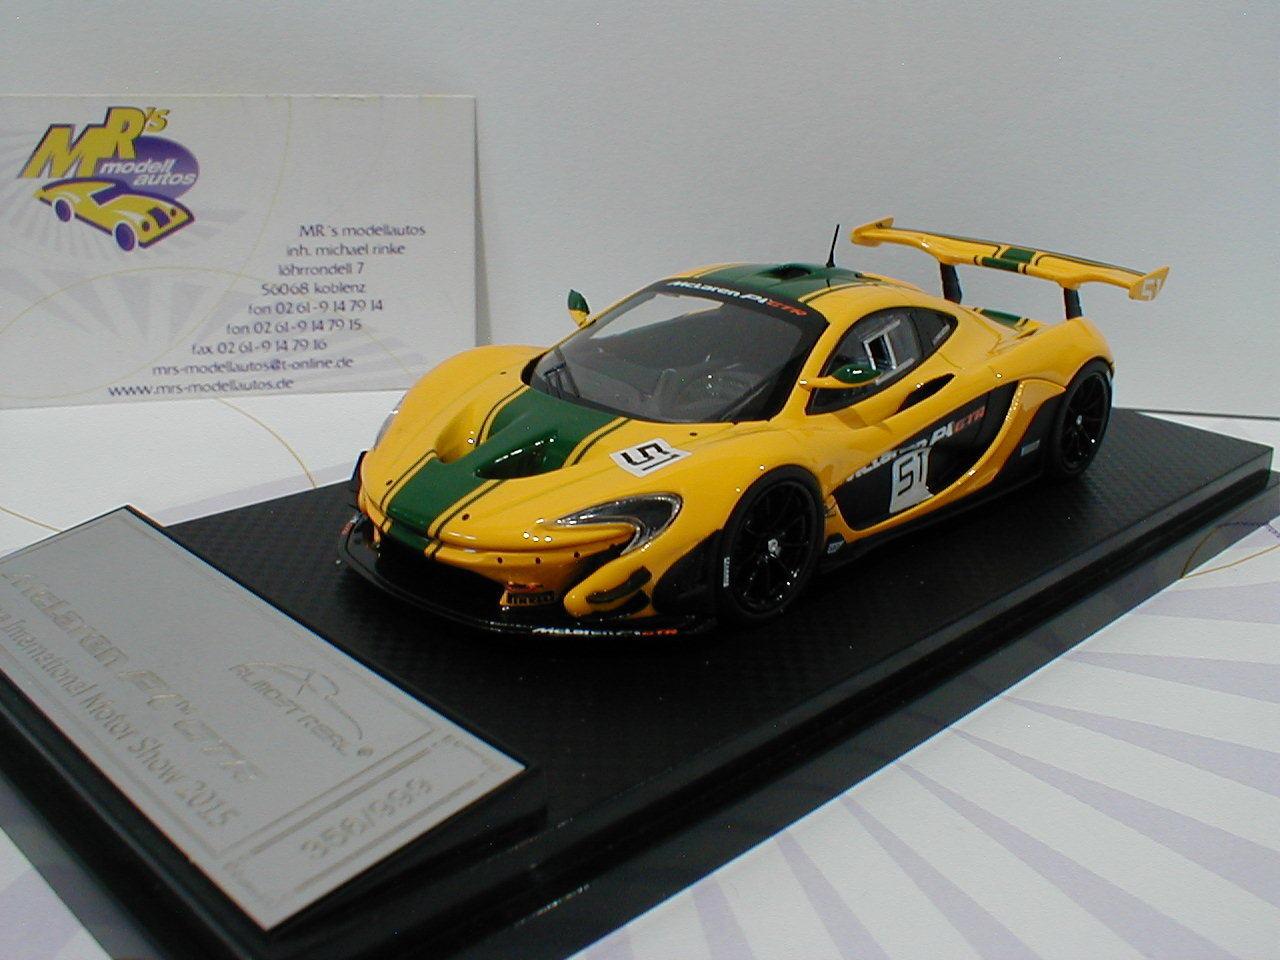 barato y de alta calidad Almost real 440102-mclaren p1 GTR nº nº nº 51 Geneva internamente. show 2015 amarillo 1 43  soporte minorista mayorista